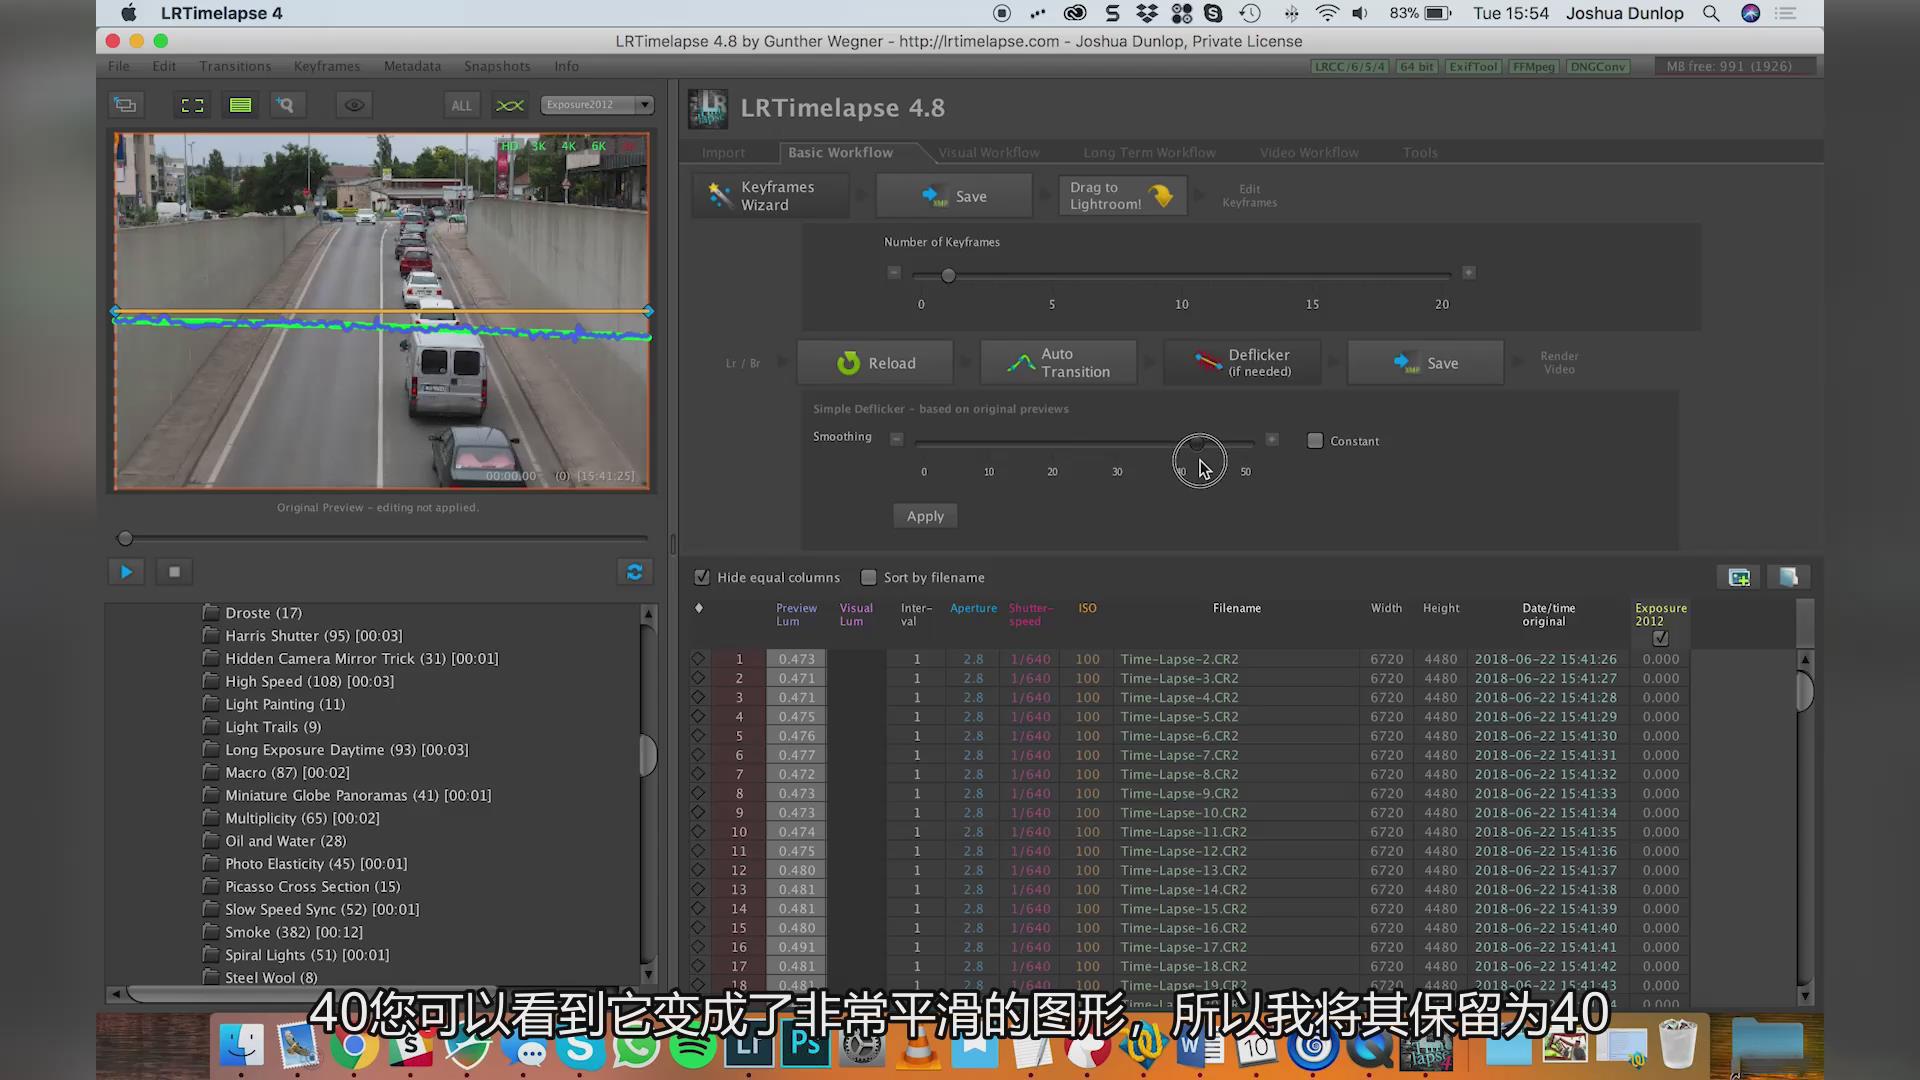 摄影教程_JOSHUA DUNLOP-30天创意摄影产品项目视频课程-中文字幕 摄影教程 _预览图21